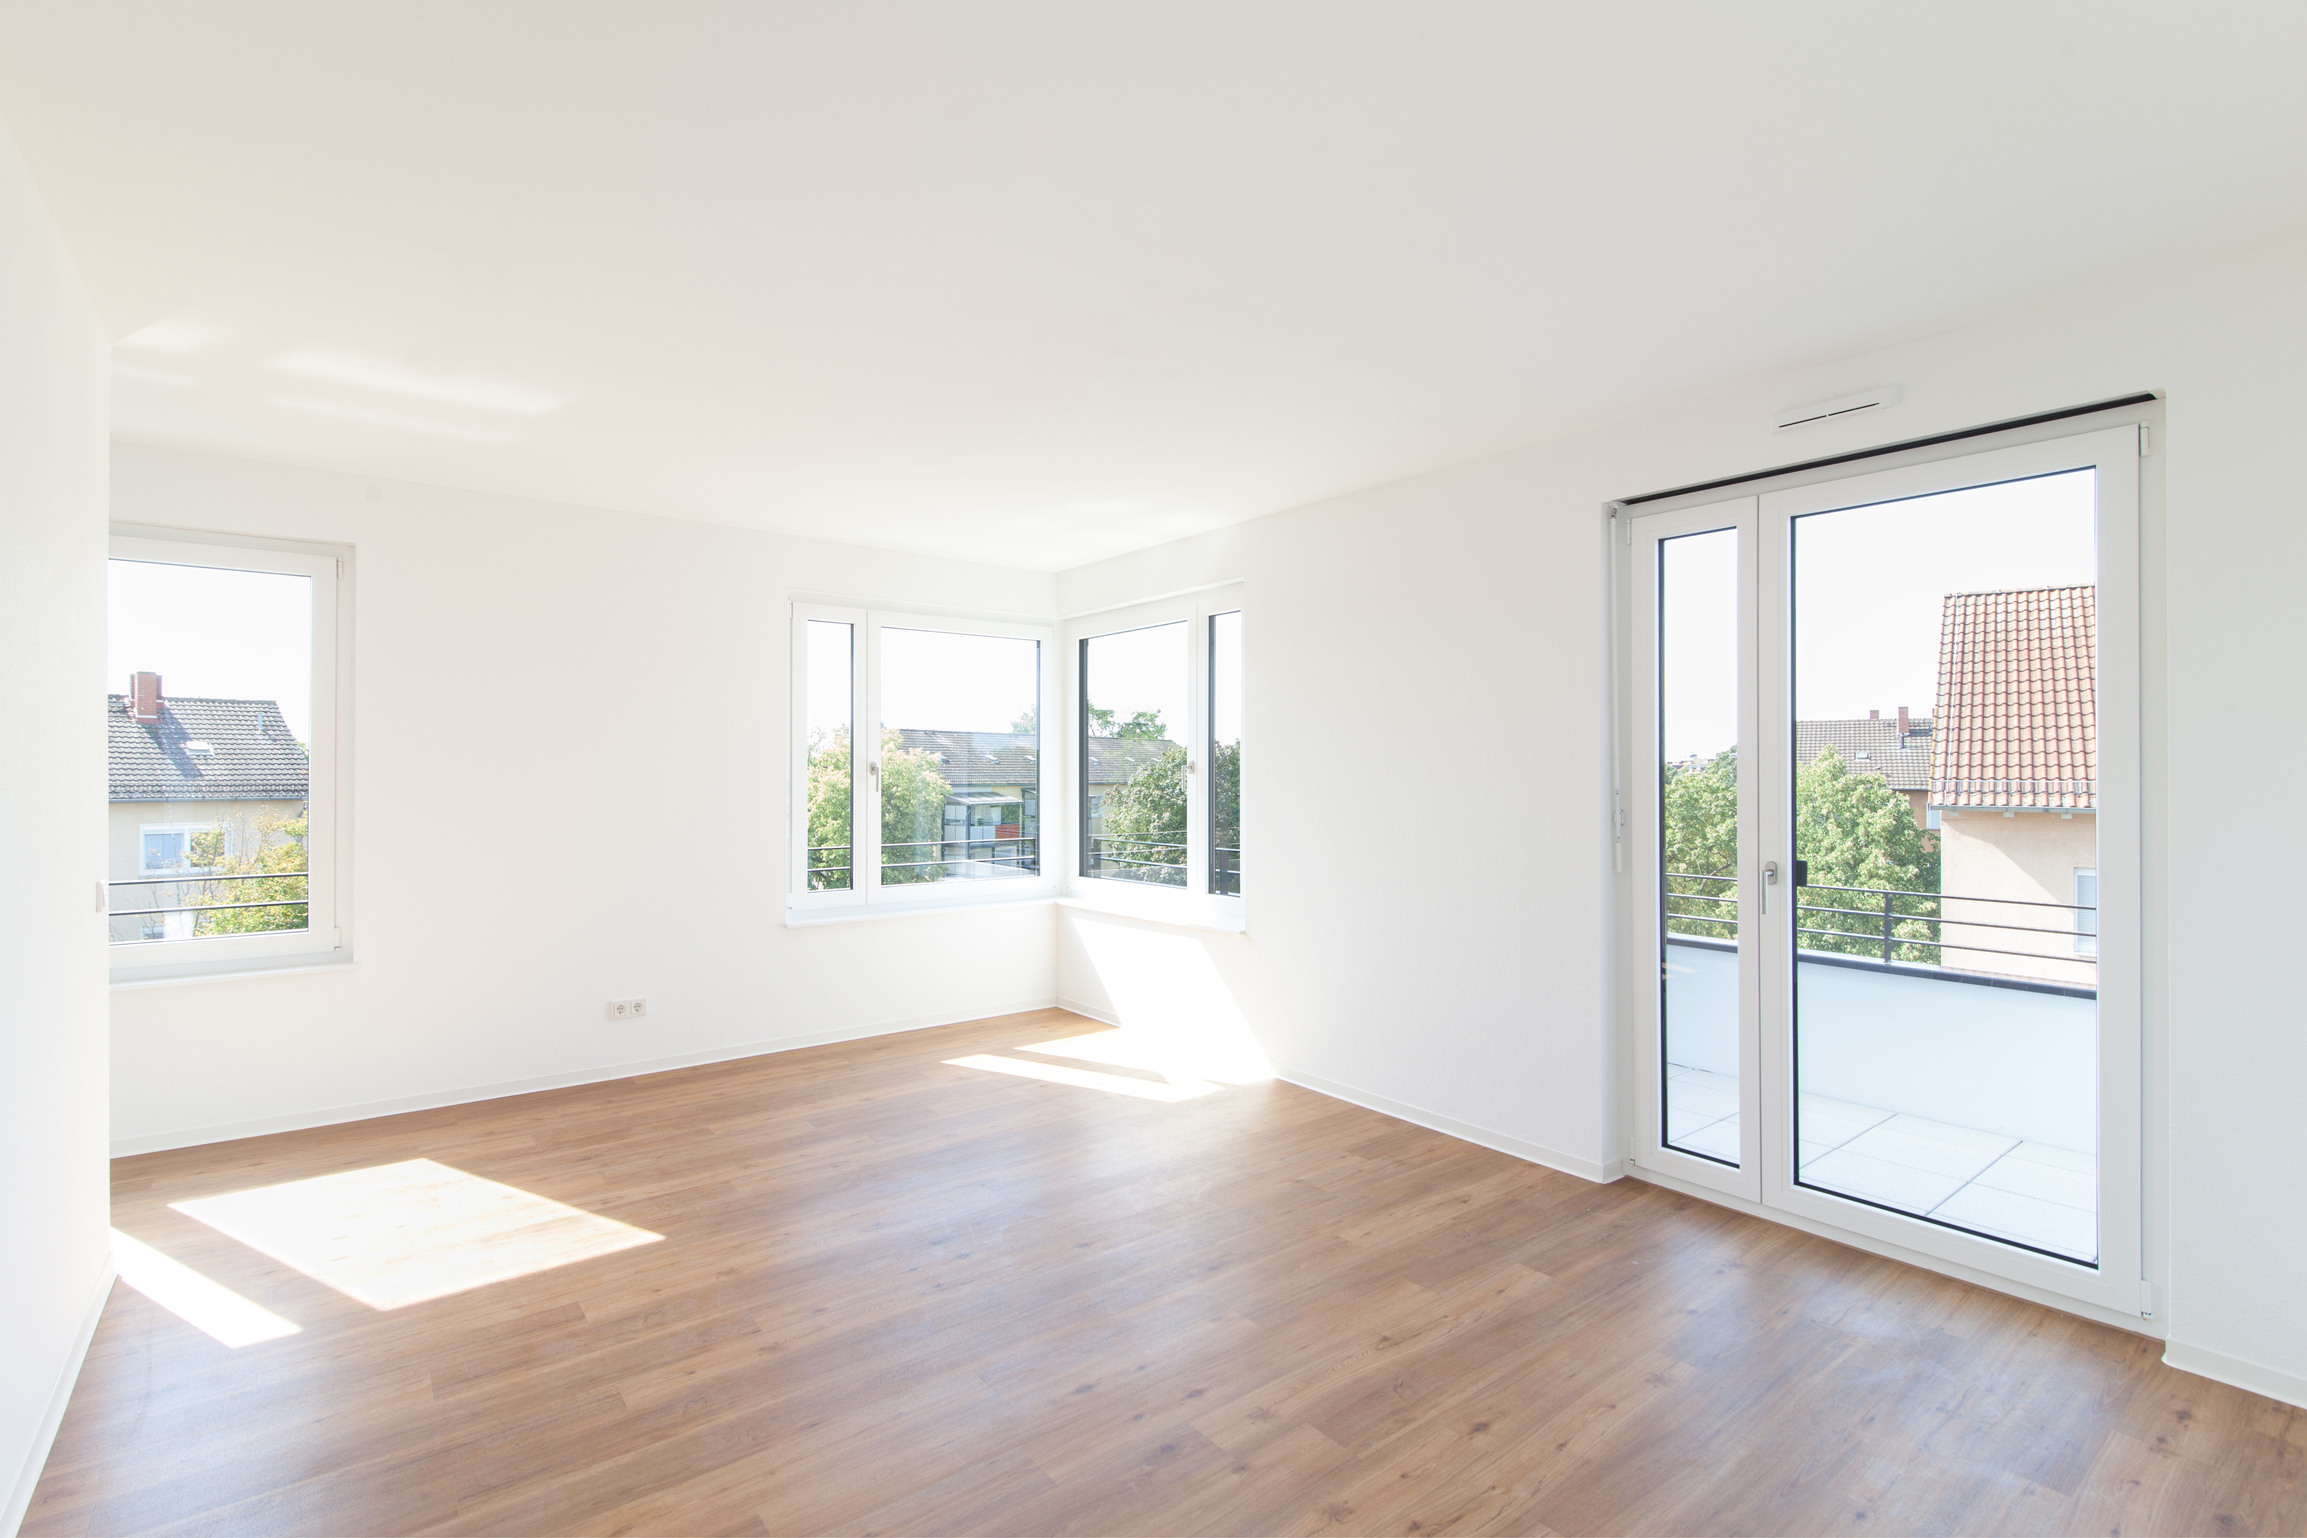 Wohnraum 326 Georg-Treber-Straße Rüsselsheim FFM-ARCHITEKTEN